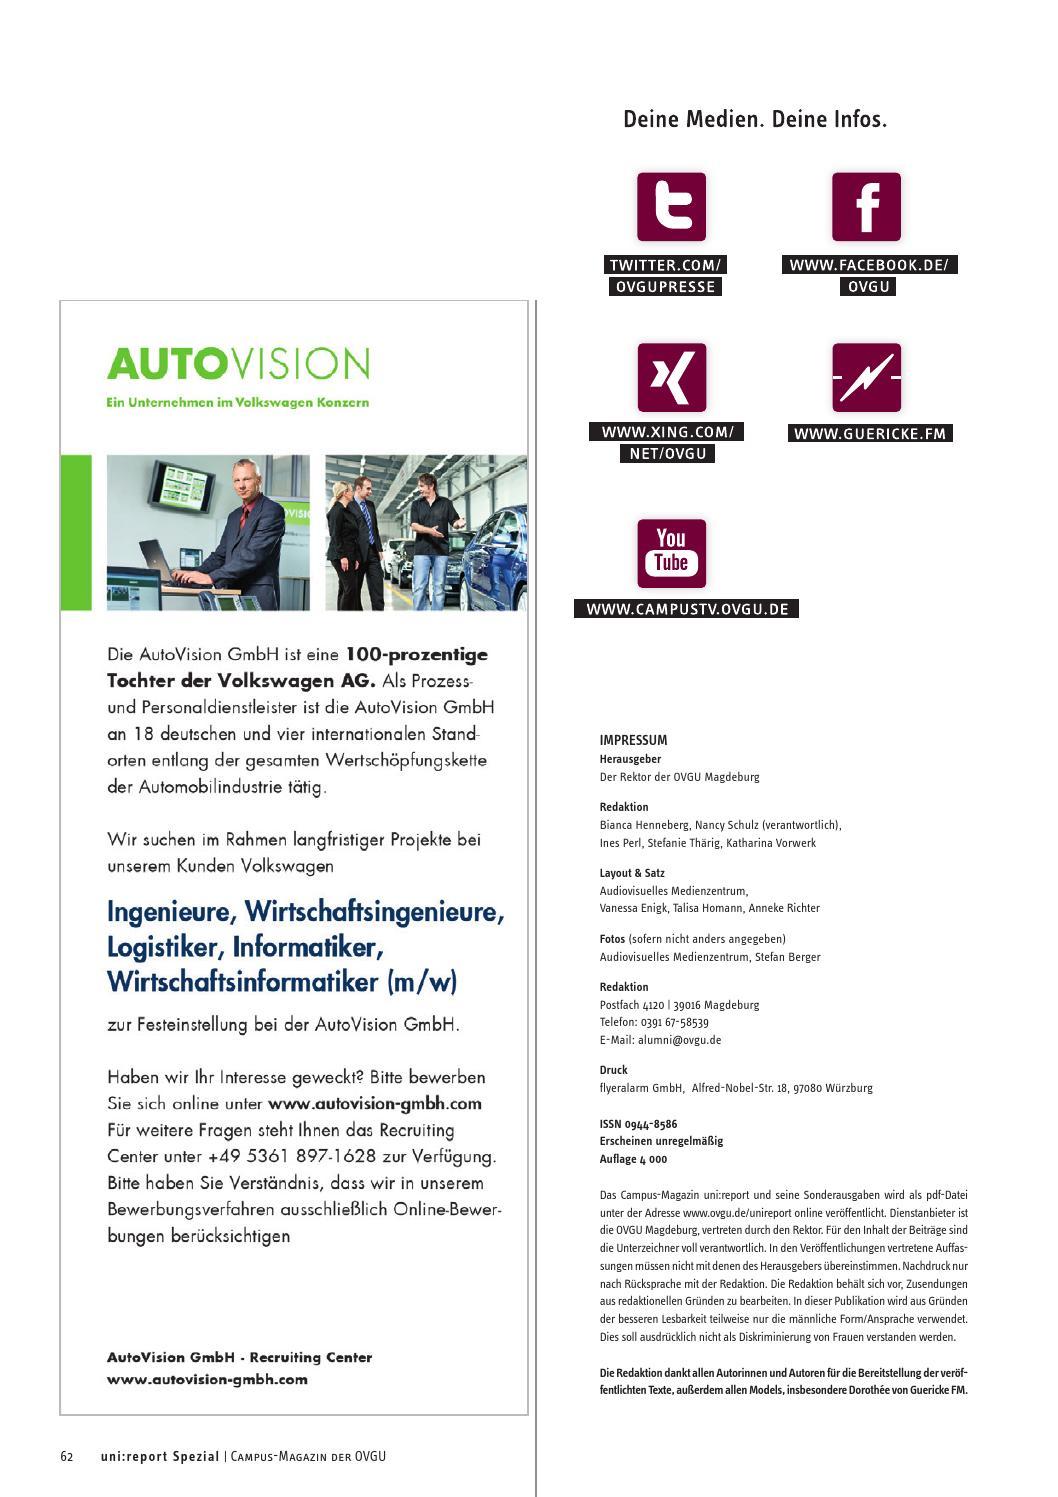 unireport spezial by otto von guericke universitt magdeburg issuu - Autovision Online Bewerbung